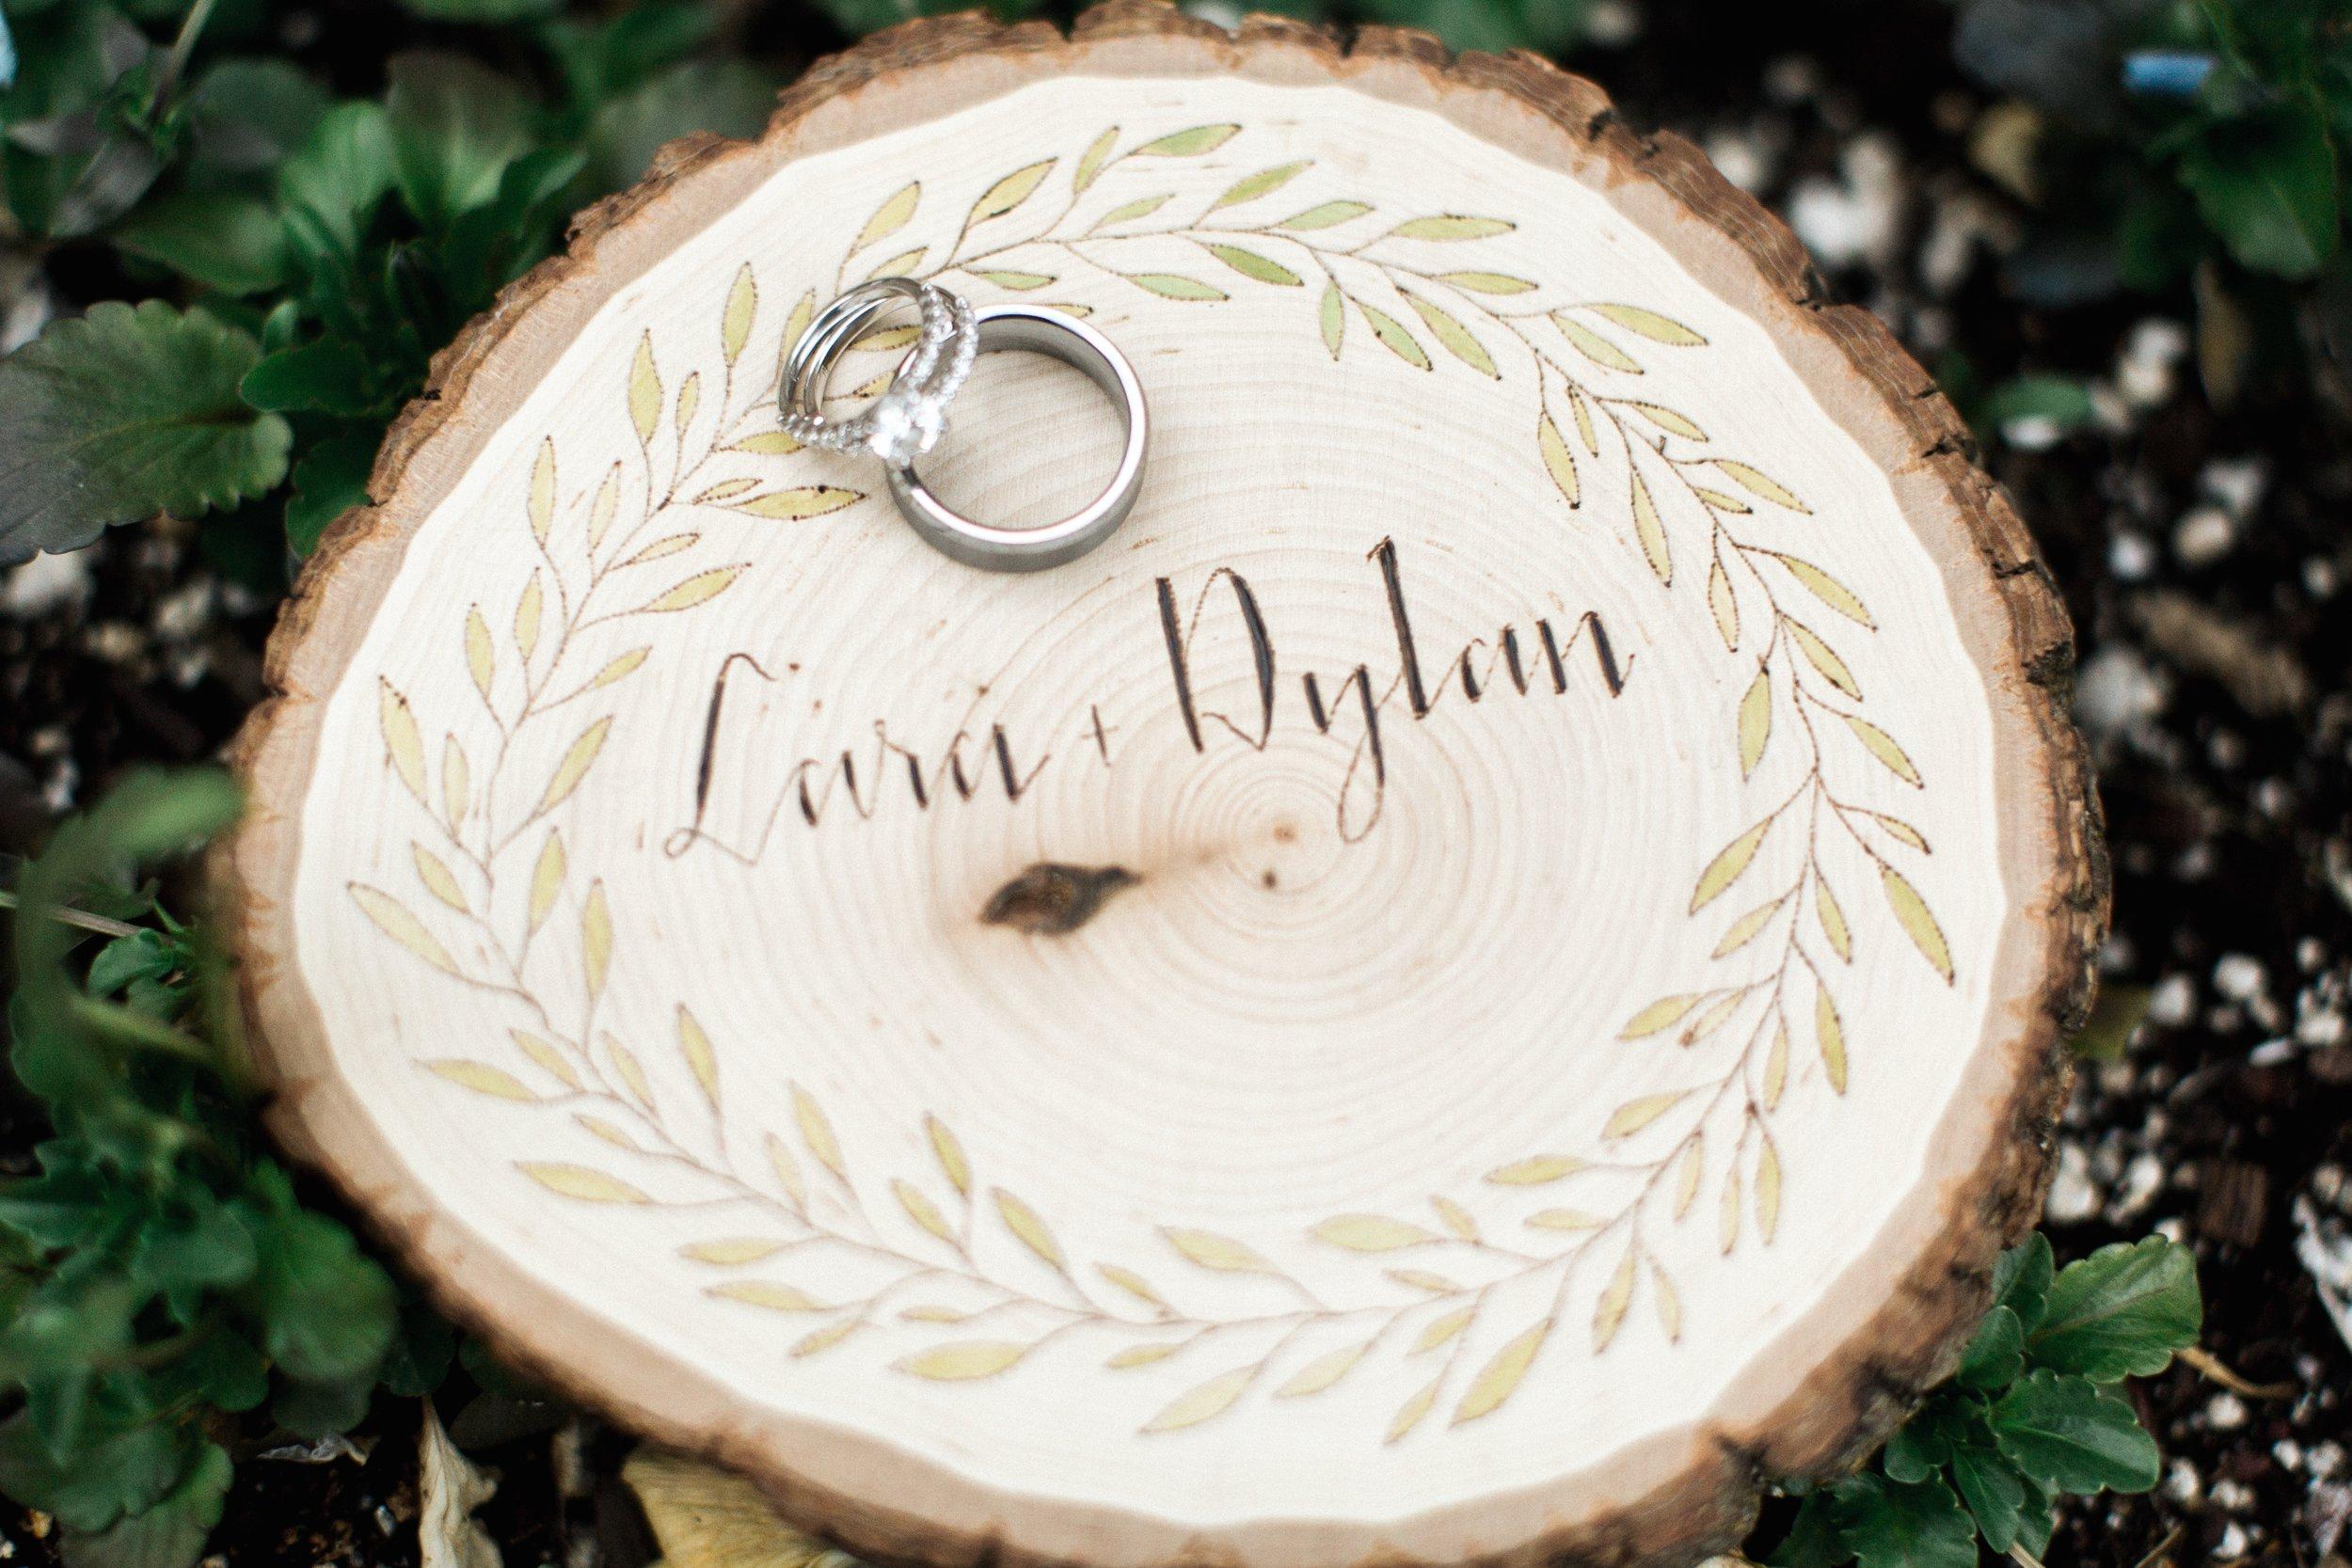 CUSTOM SIGN FOR LARA & DYLAN WEDDING, SALT LAKE CITY, UT